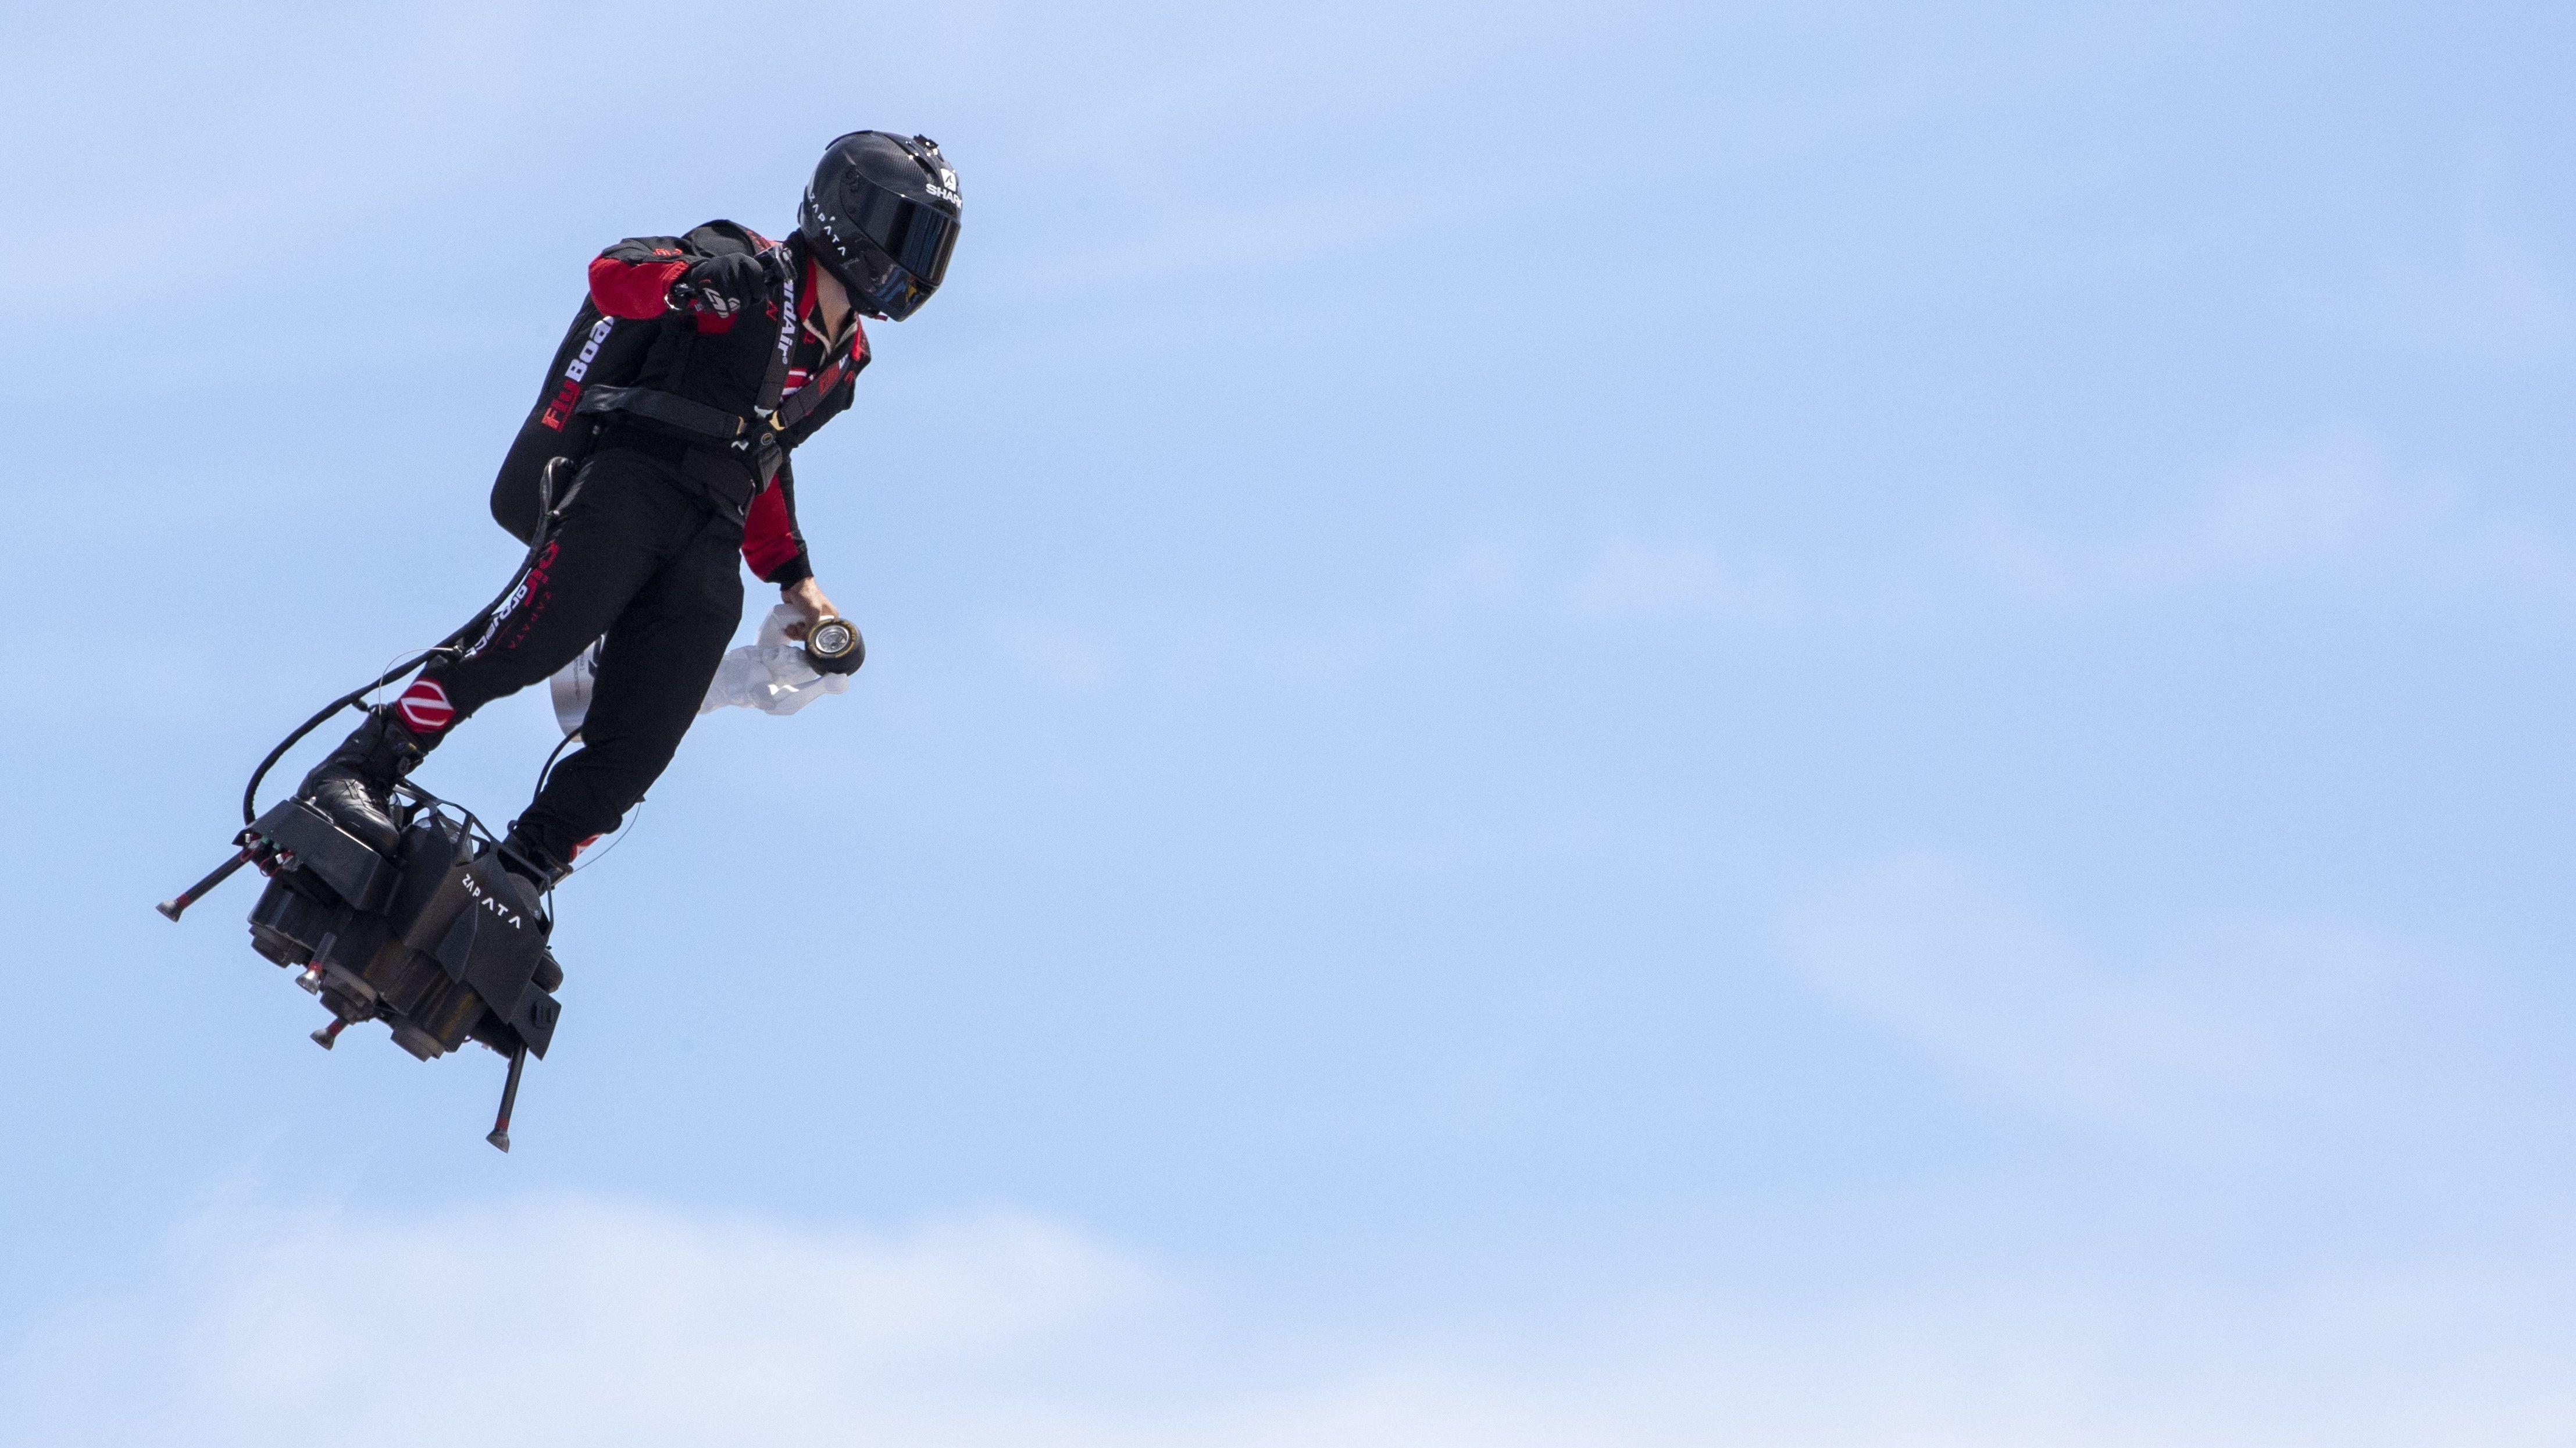 Flyboard Air - Franzose wollte Ärmelkanal überfliegen